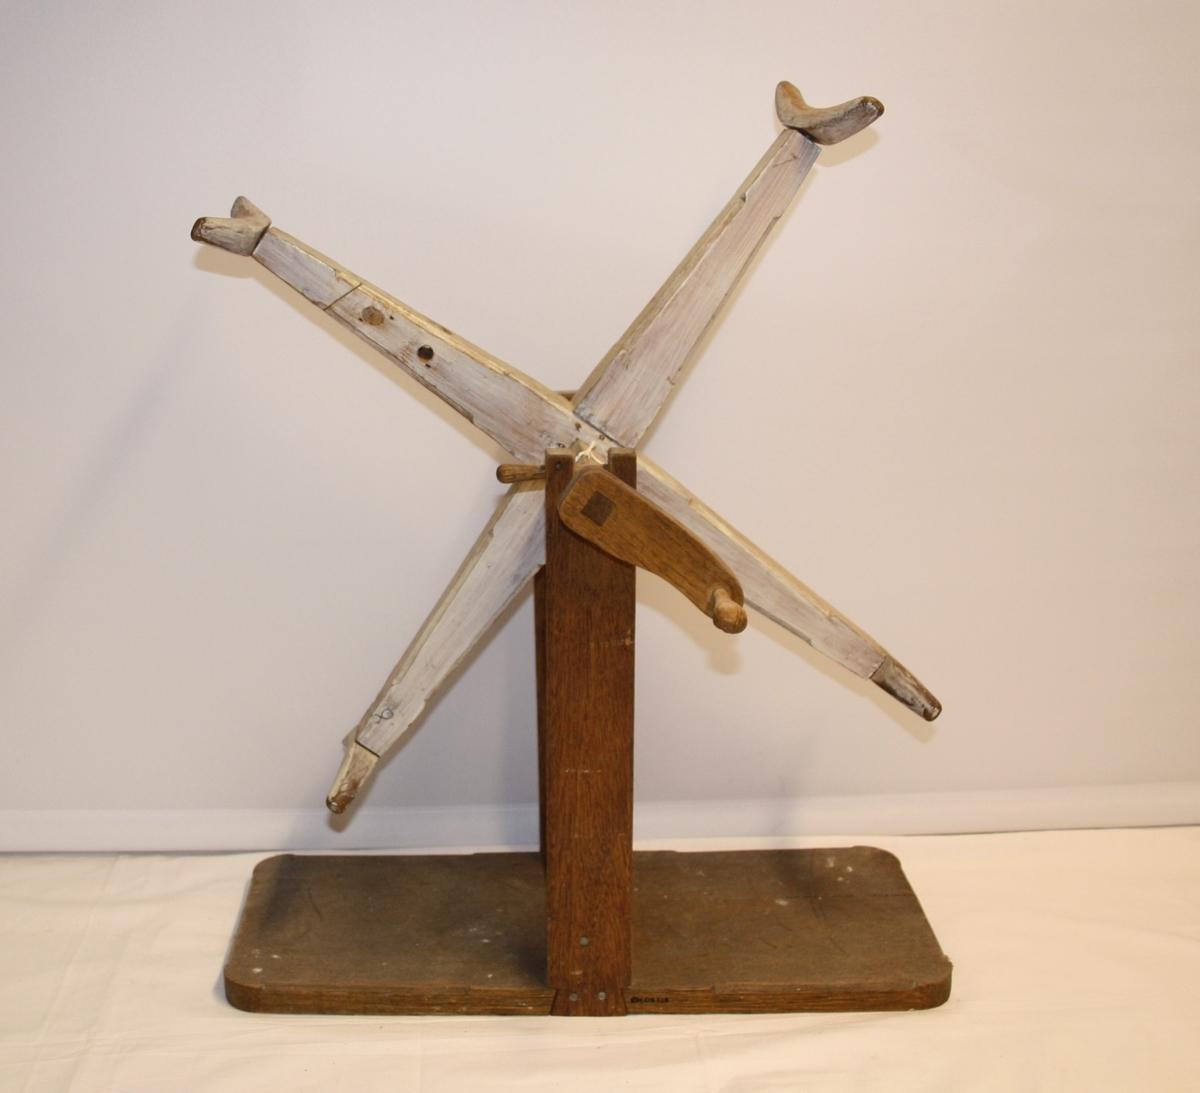 Hespetre til å stå på bordet. Spolehjulet er vertikalt montert med sveiv i og står på ein trekloss.